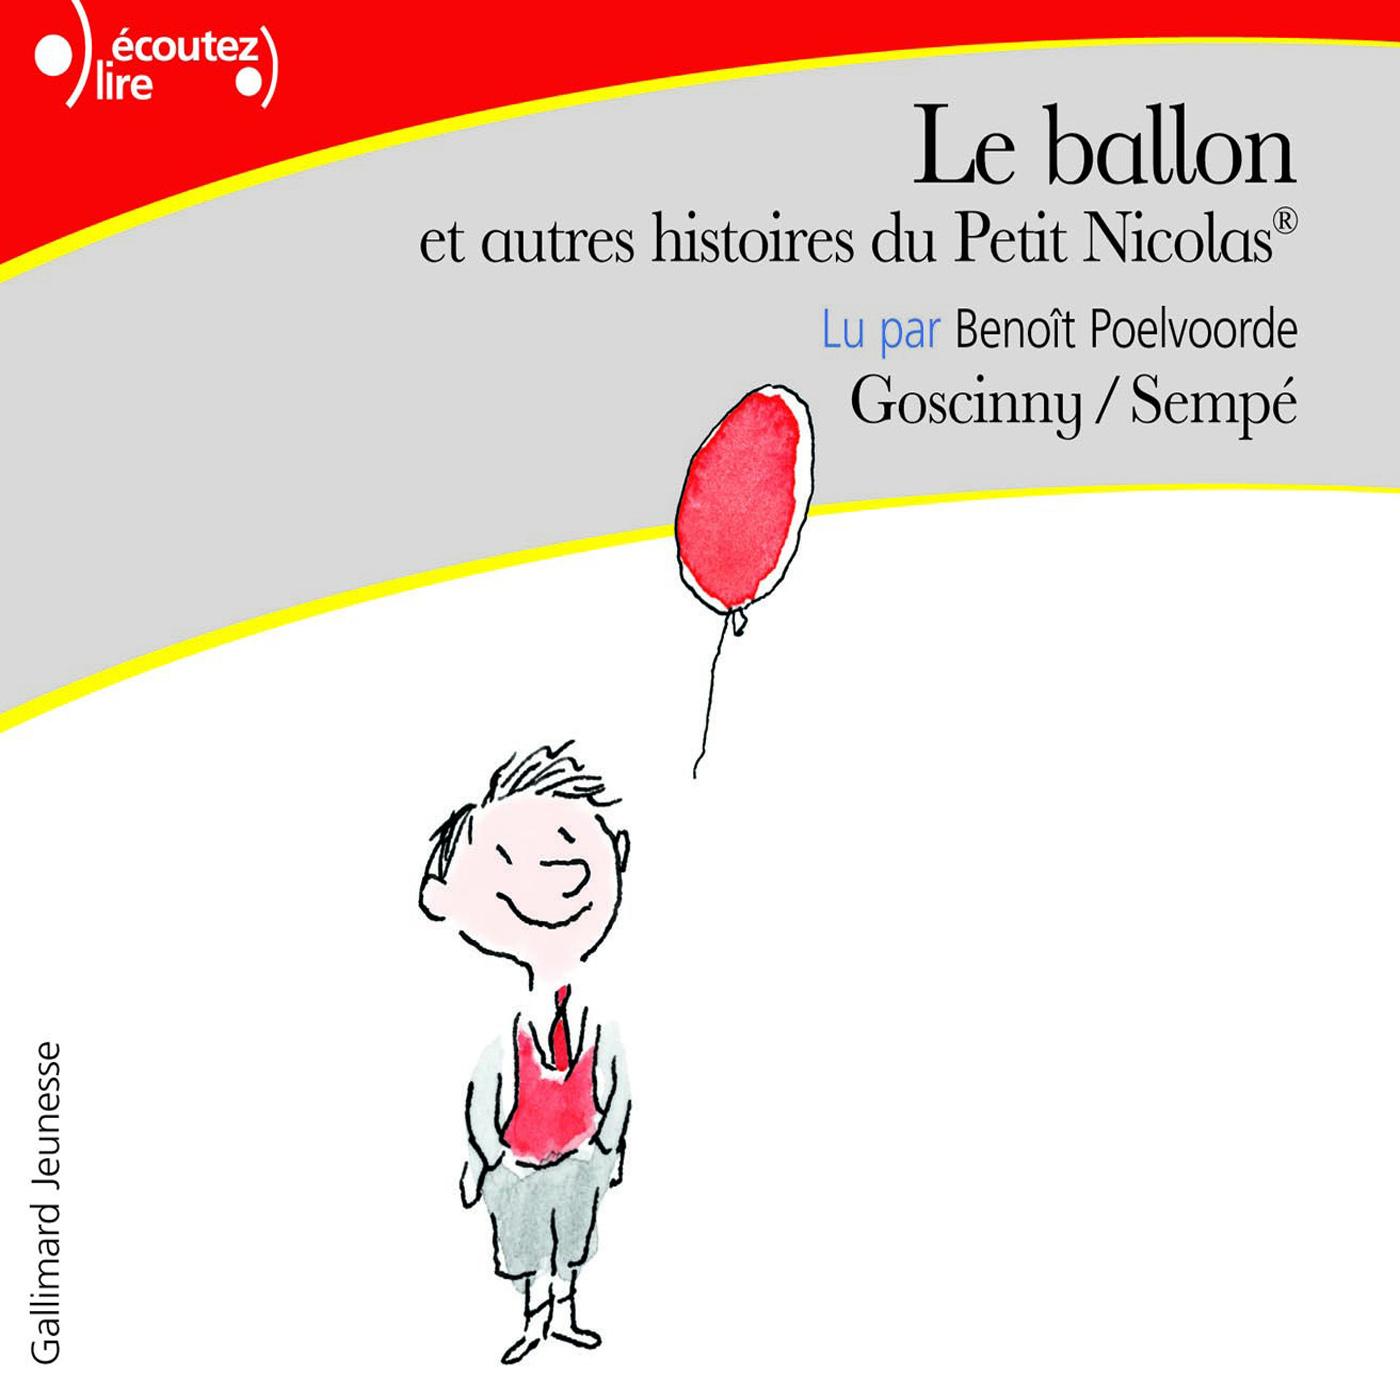 Le ballon, et autres histoires du Petit Nicolas